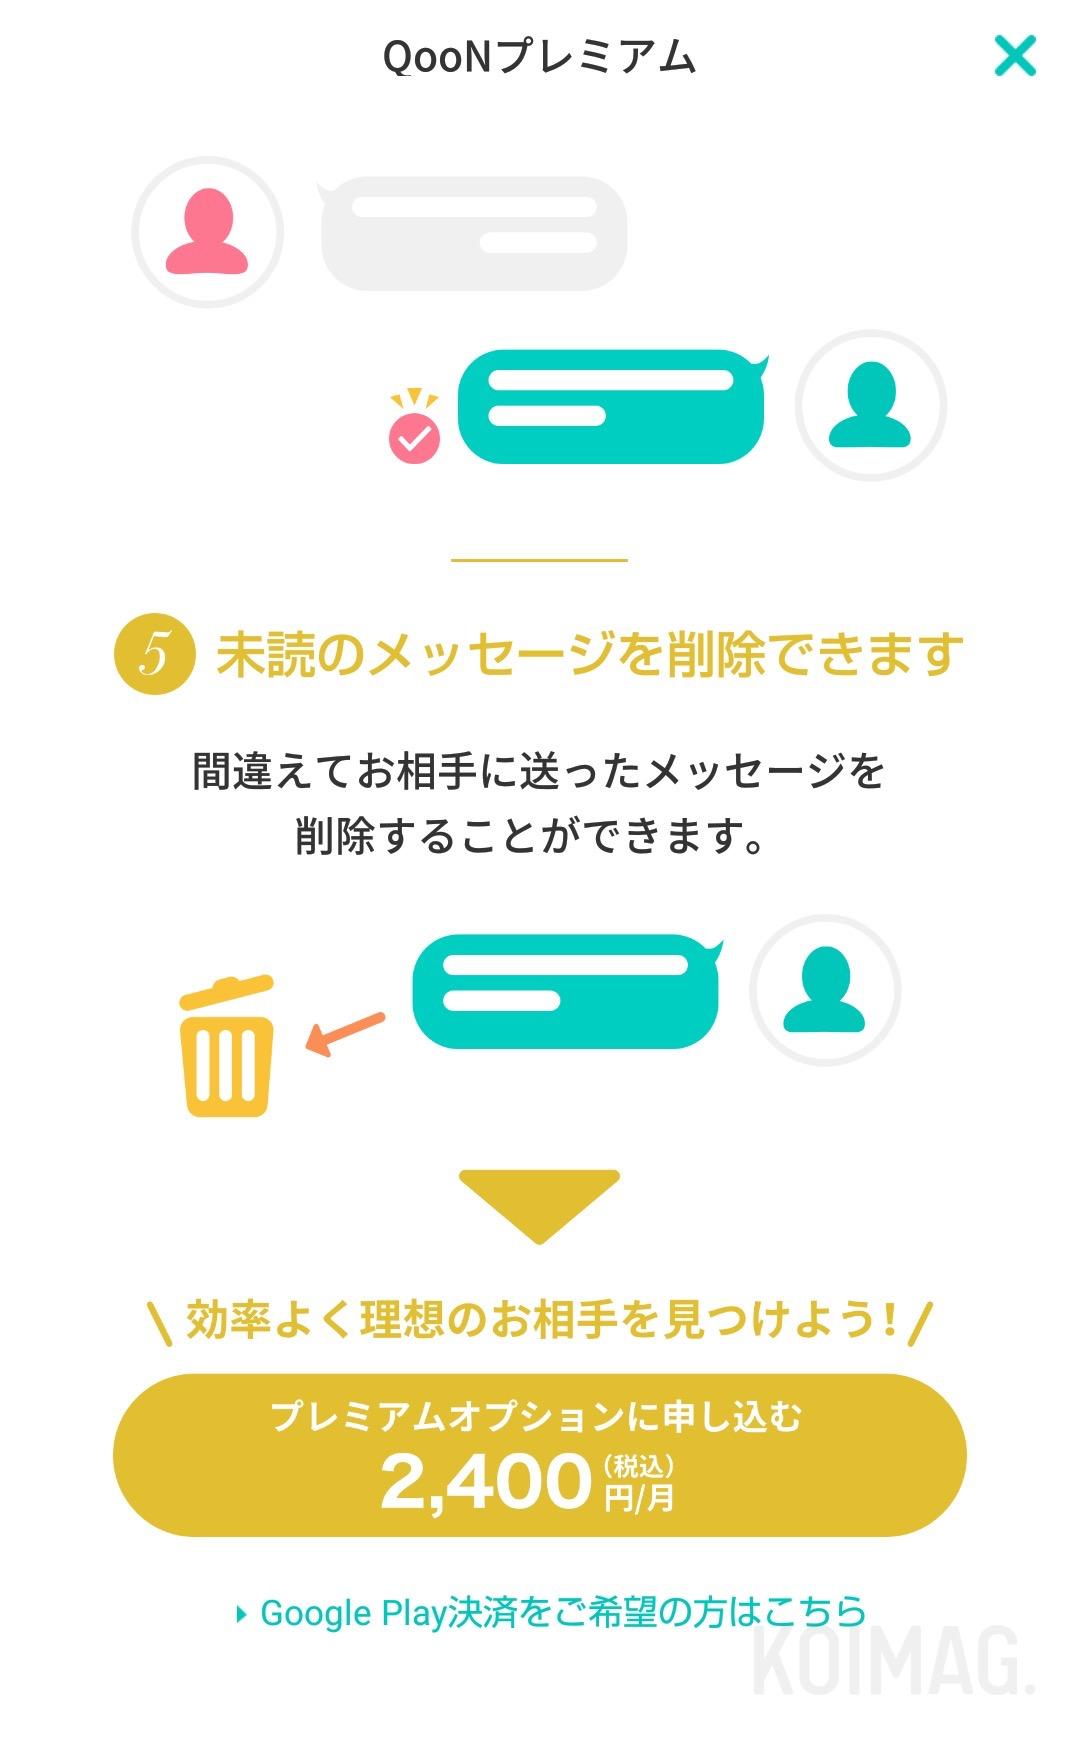 デーティングアプリ『QooN』のプレミアムモード料金、クレジットカード決済の場合は月額2,400円(税込)